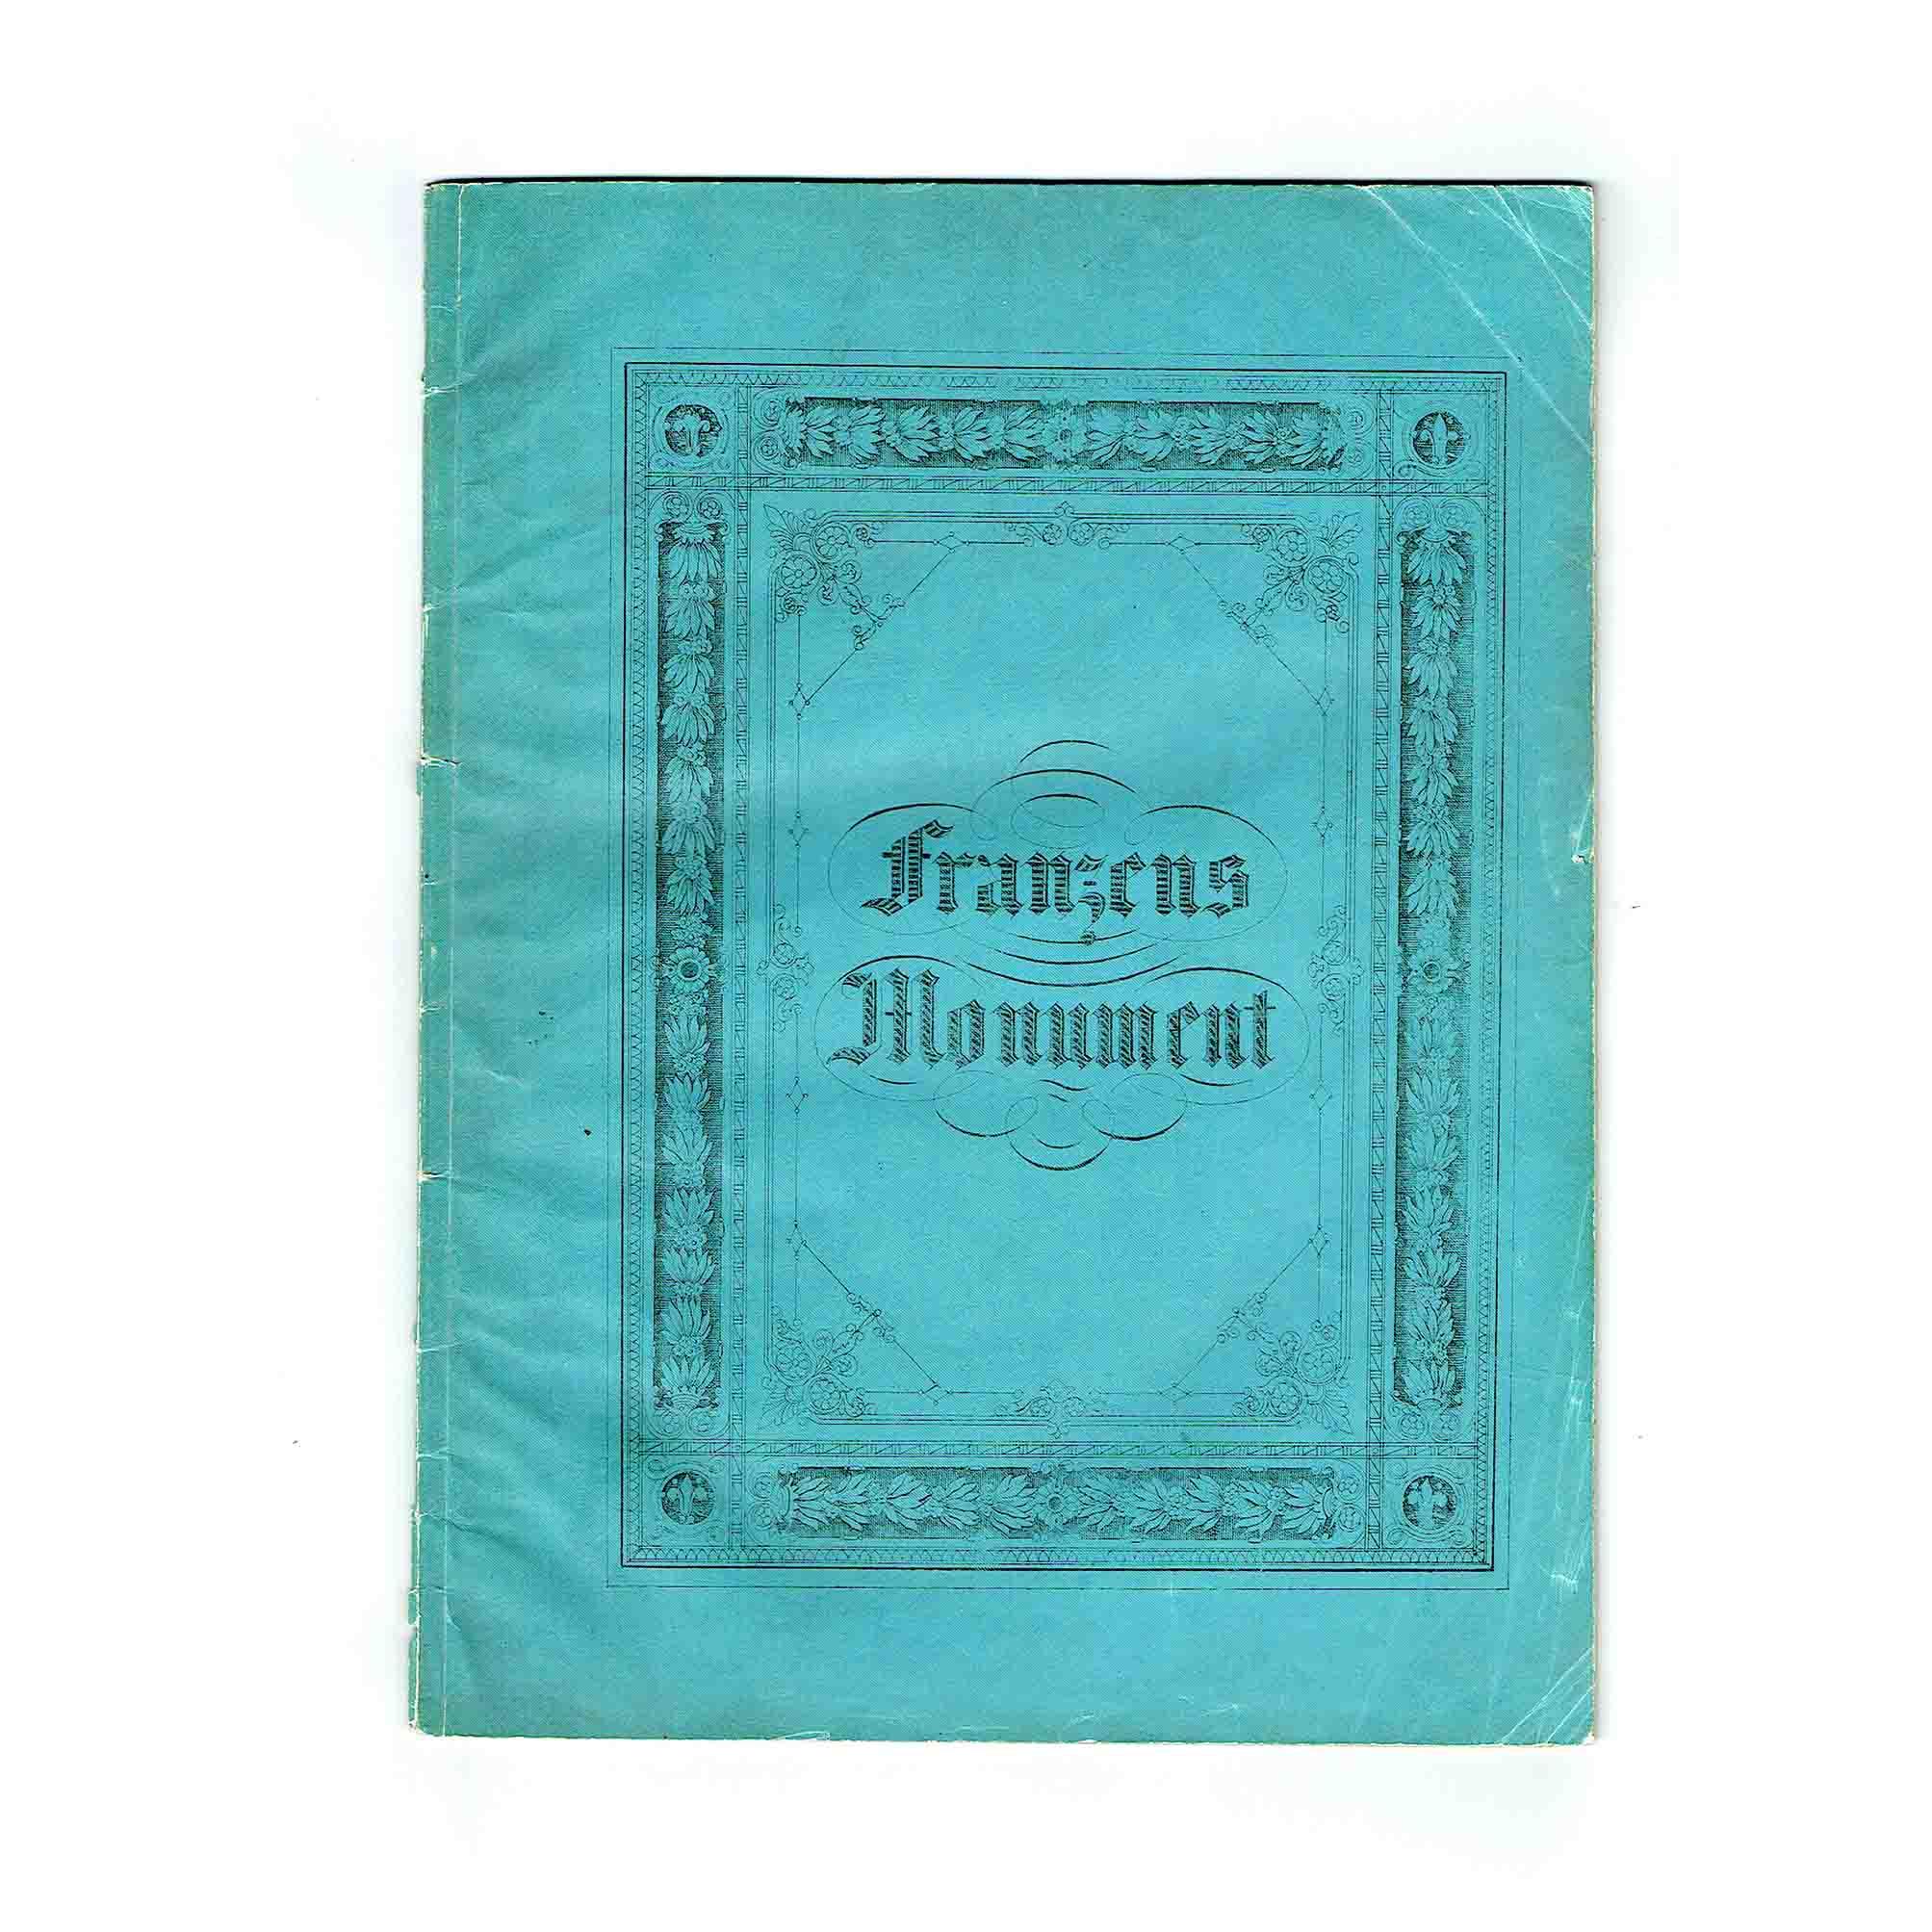 5677-Festschrift-Franzensstatue-Graz-1841-Umschlag-vorne-N.jpeg